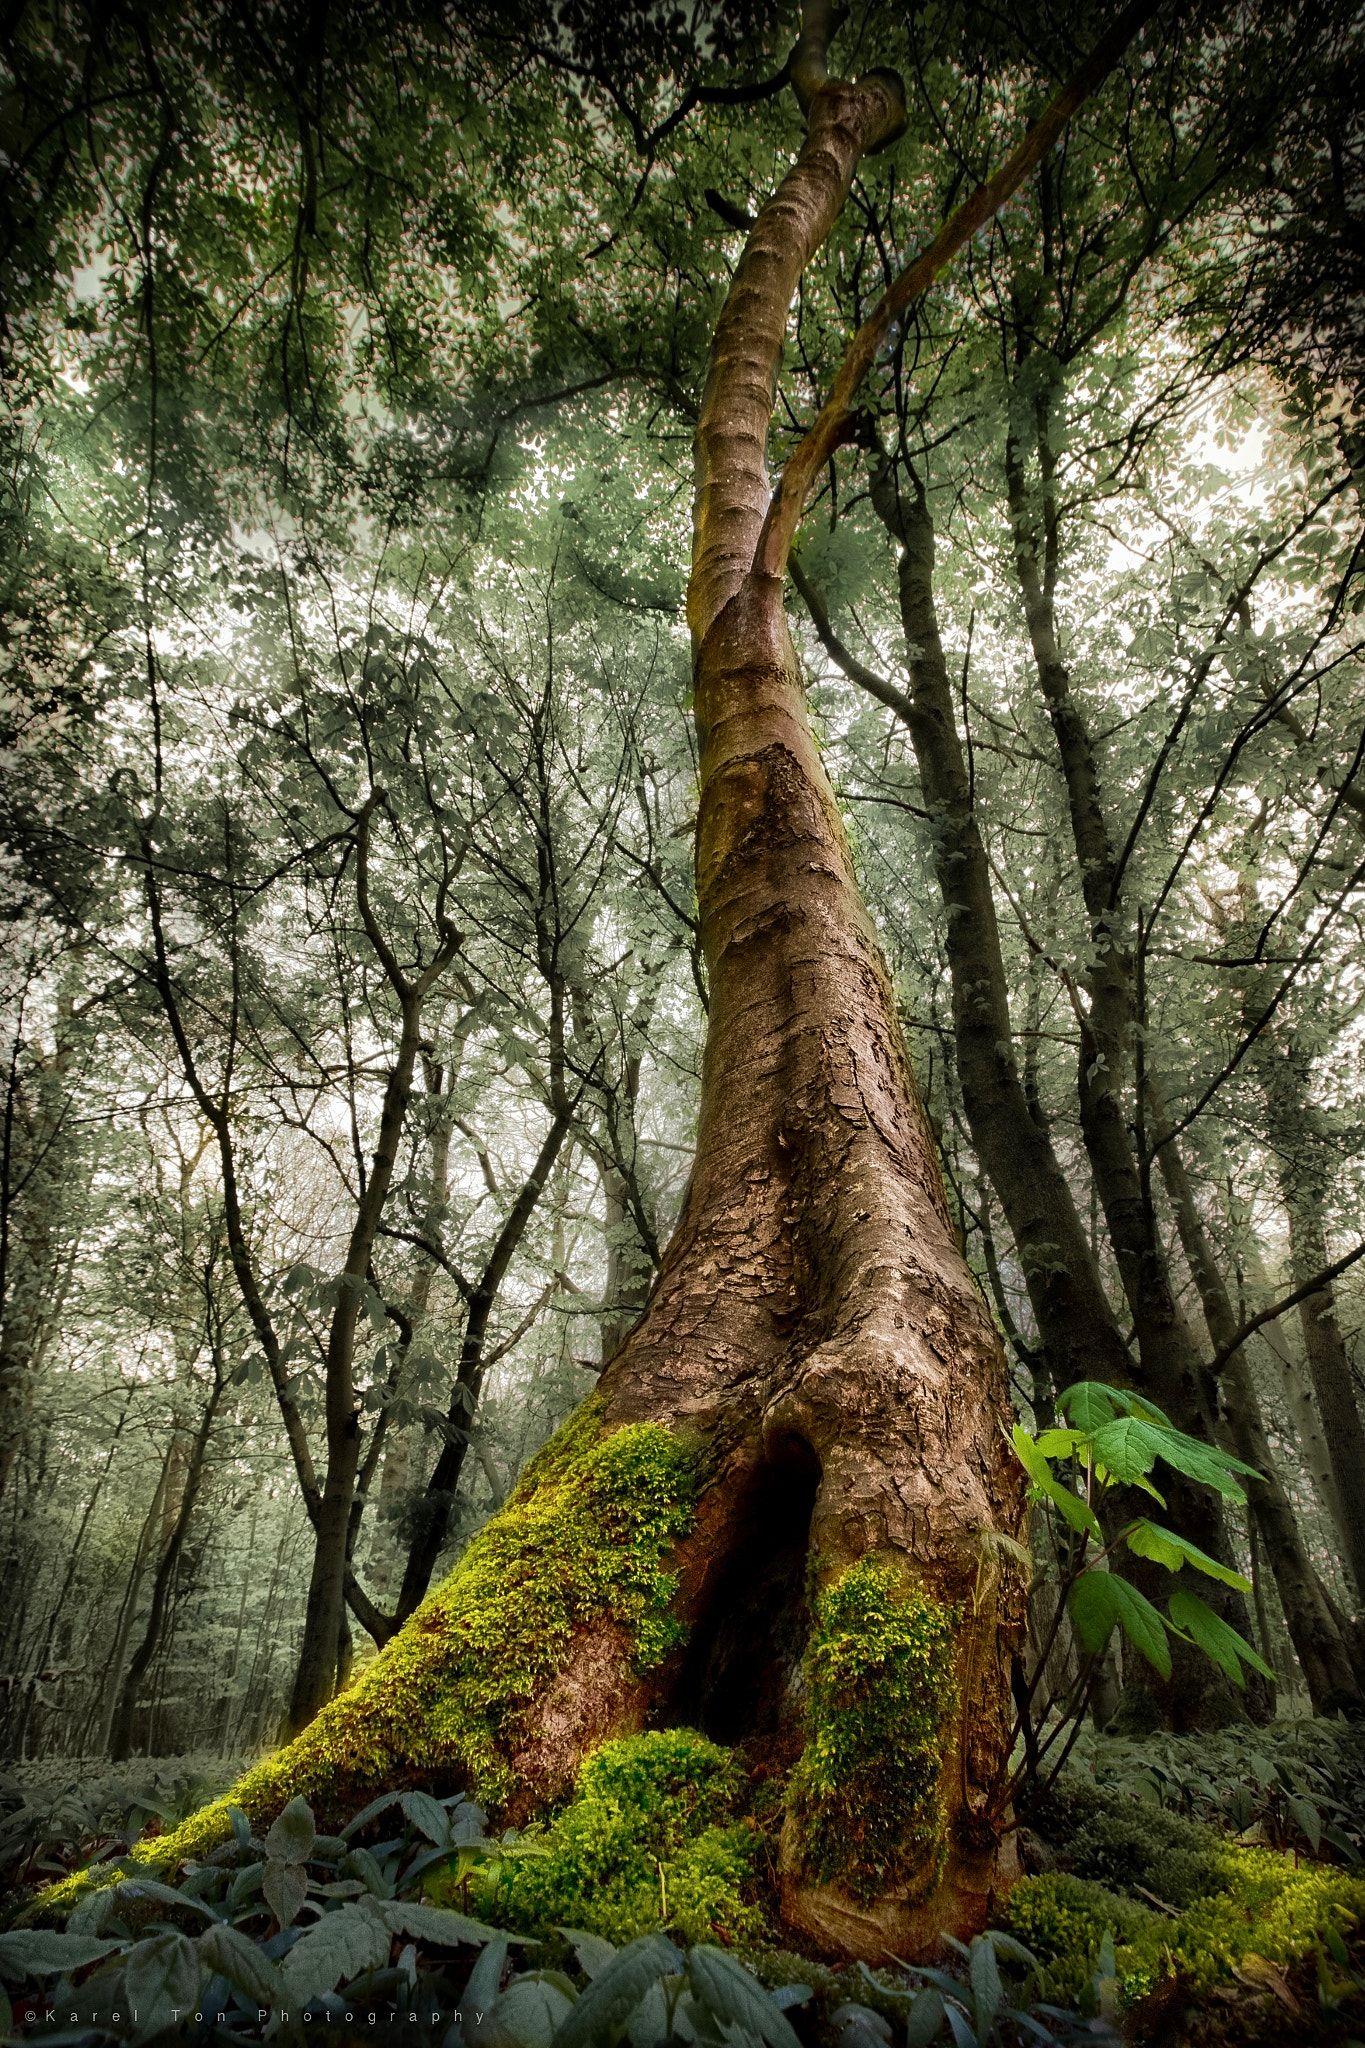 Piantare Alberi Di Paulonia pin di paolo caron su alberi   natura, paesaggi e luoghi